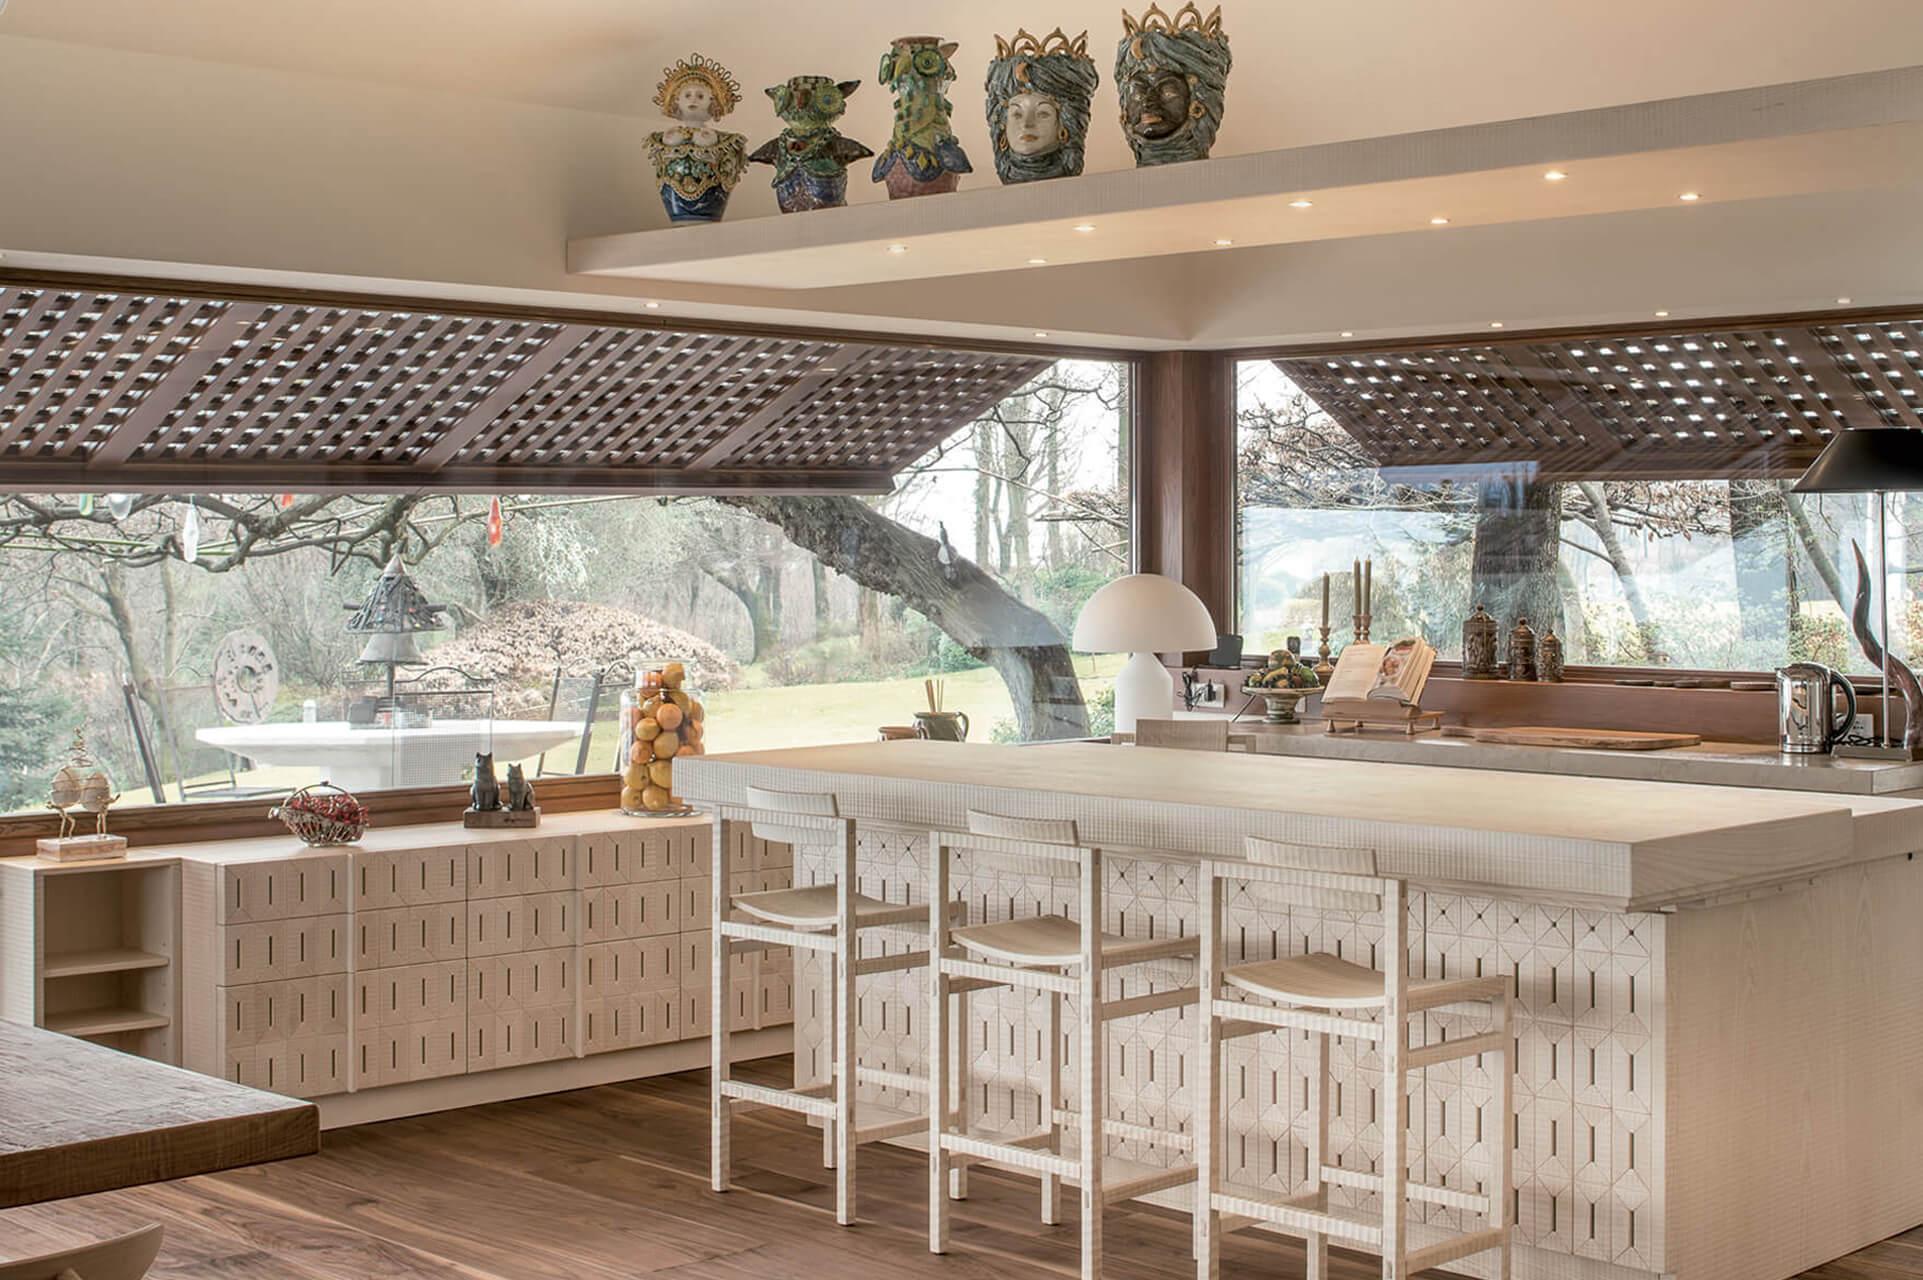 Cucine design lusso falegnameria produttrice di cucine artiglianali di lusso - Cucine di qualita ...